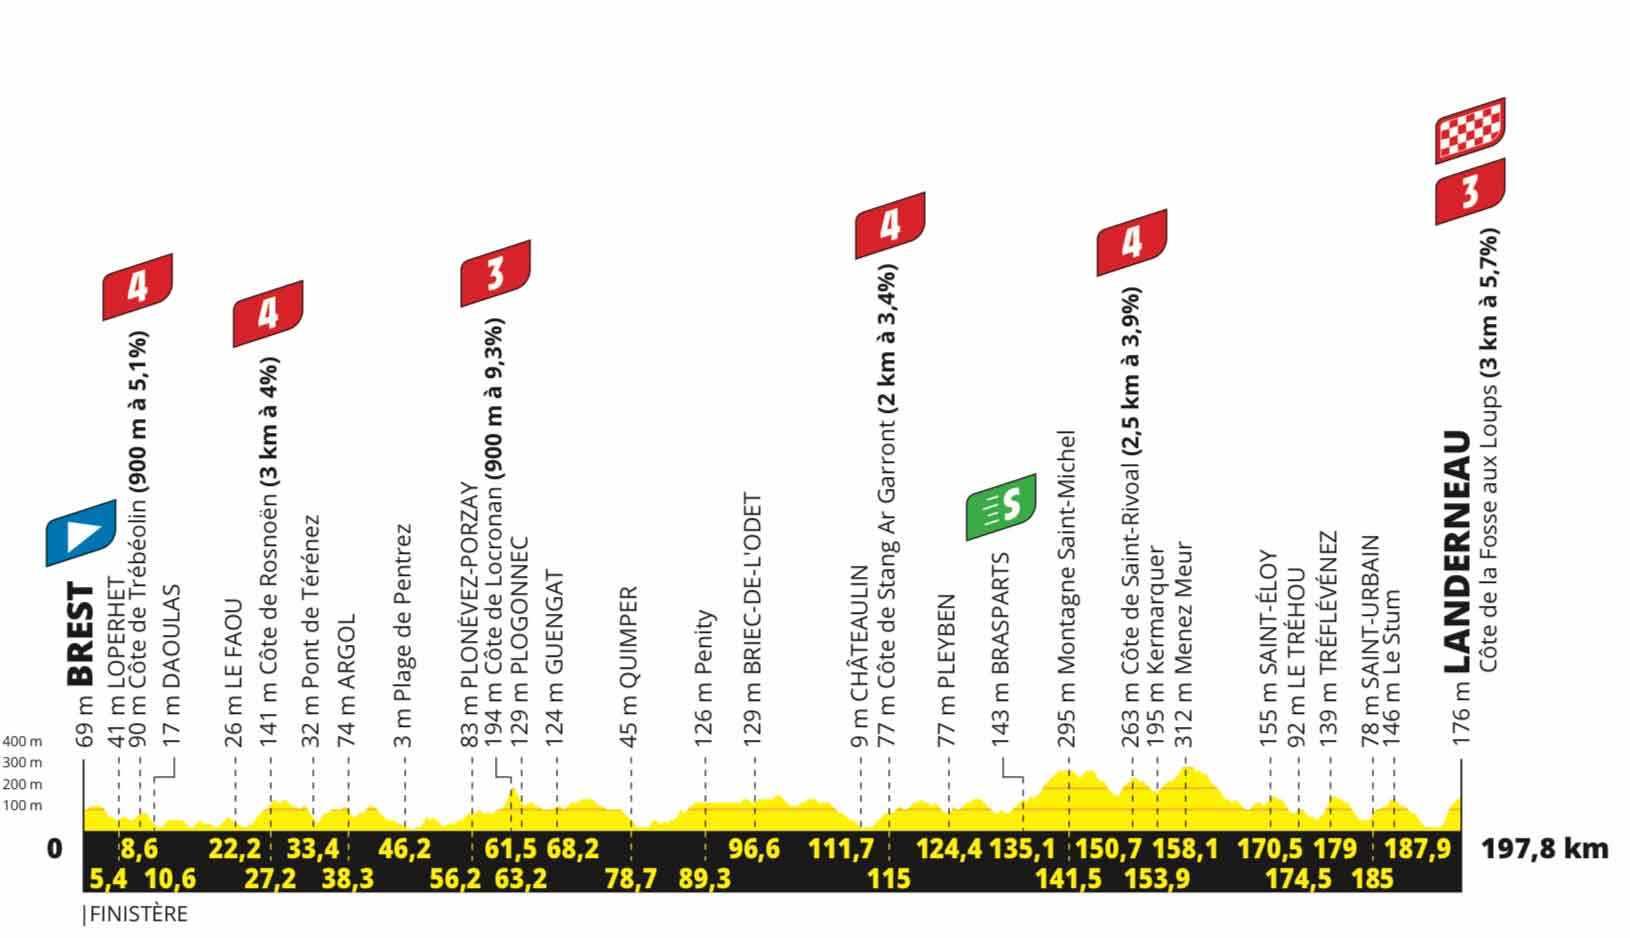 Profil der 1. Etappe der Tour de France 2021